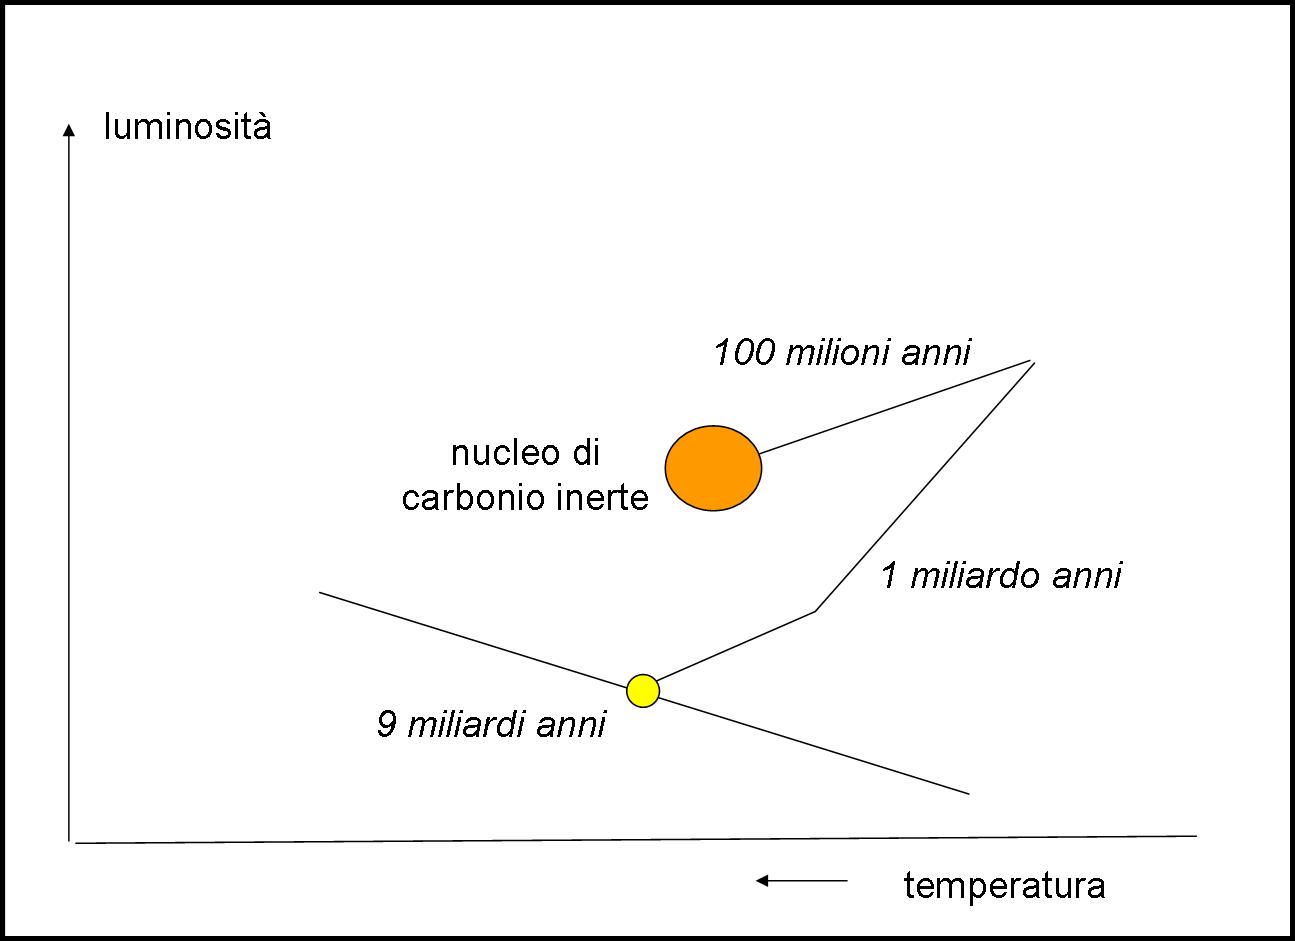 Il sole torna sui suoi passi, ma la situazione è sempre più critica, dato che l'elio si trasforma velocemente in carbonio